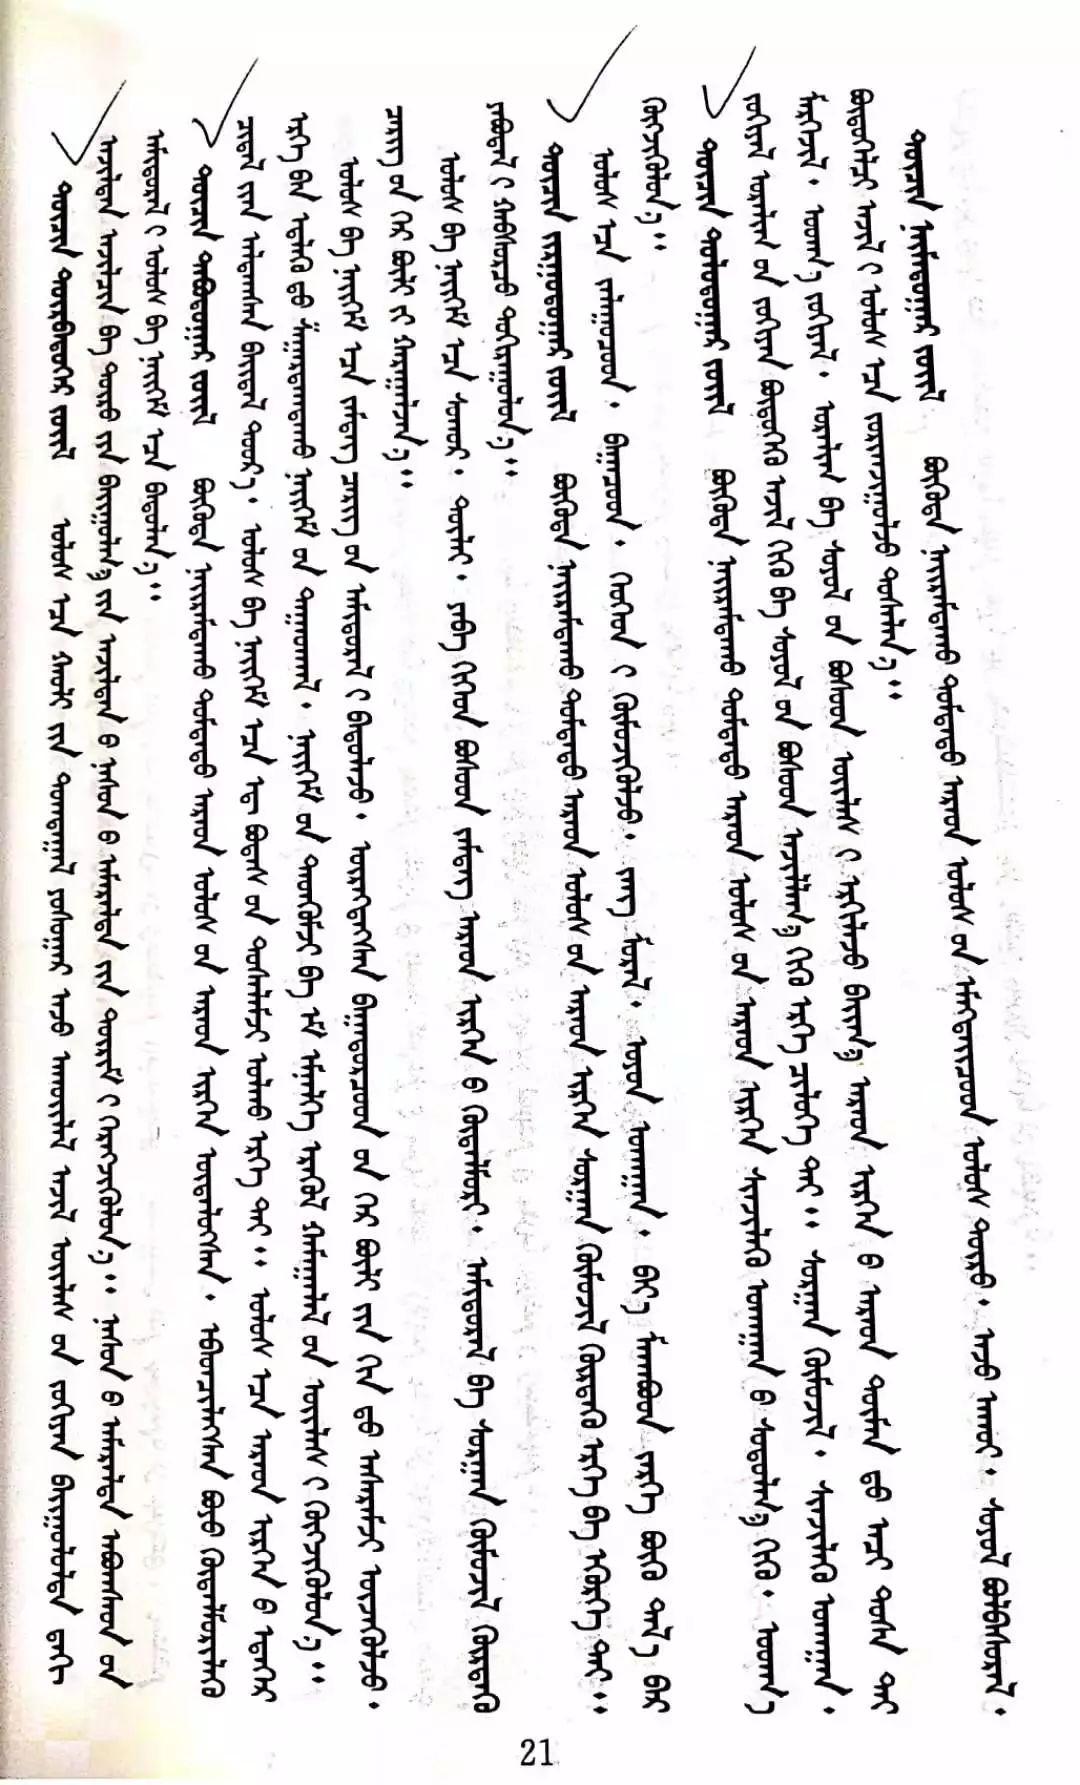 【民族政策宣传月】中华人民共和国宪法(二) 第2张 【民族政策宣传月】中华人民共和国宪法(二) 蒙古文库